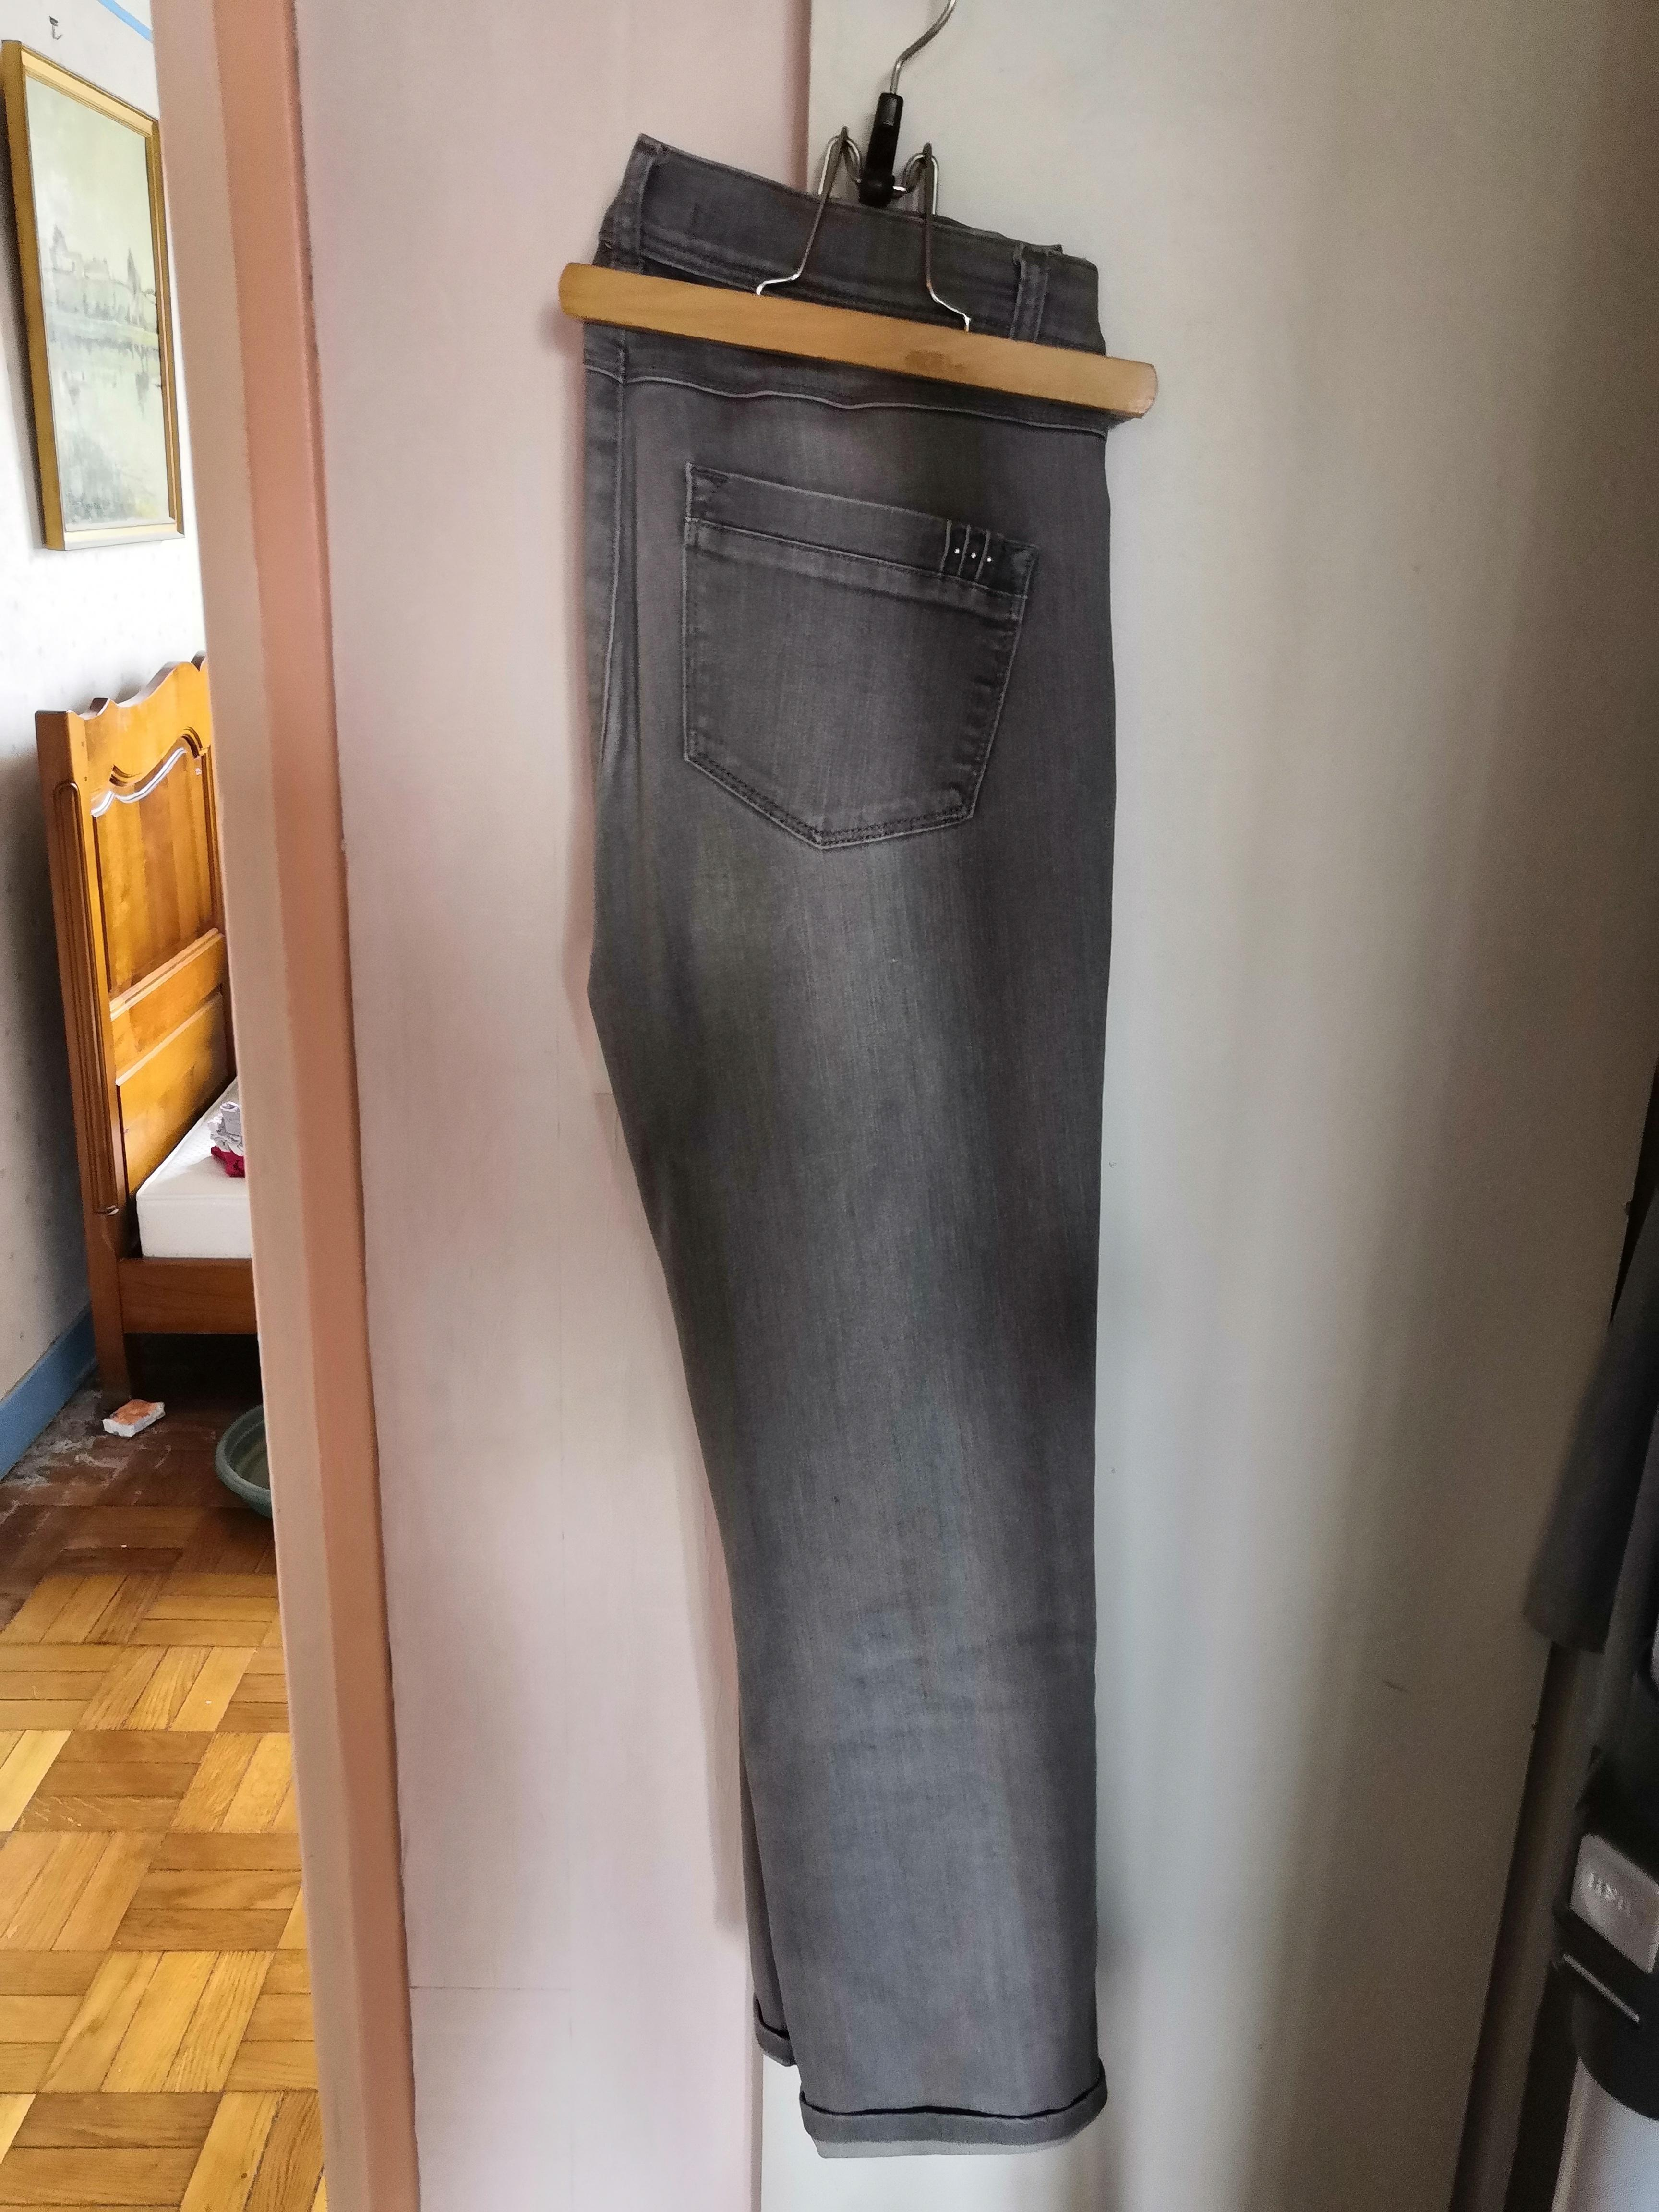 troc de troc pantalon armand thierry taille 40 image 0